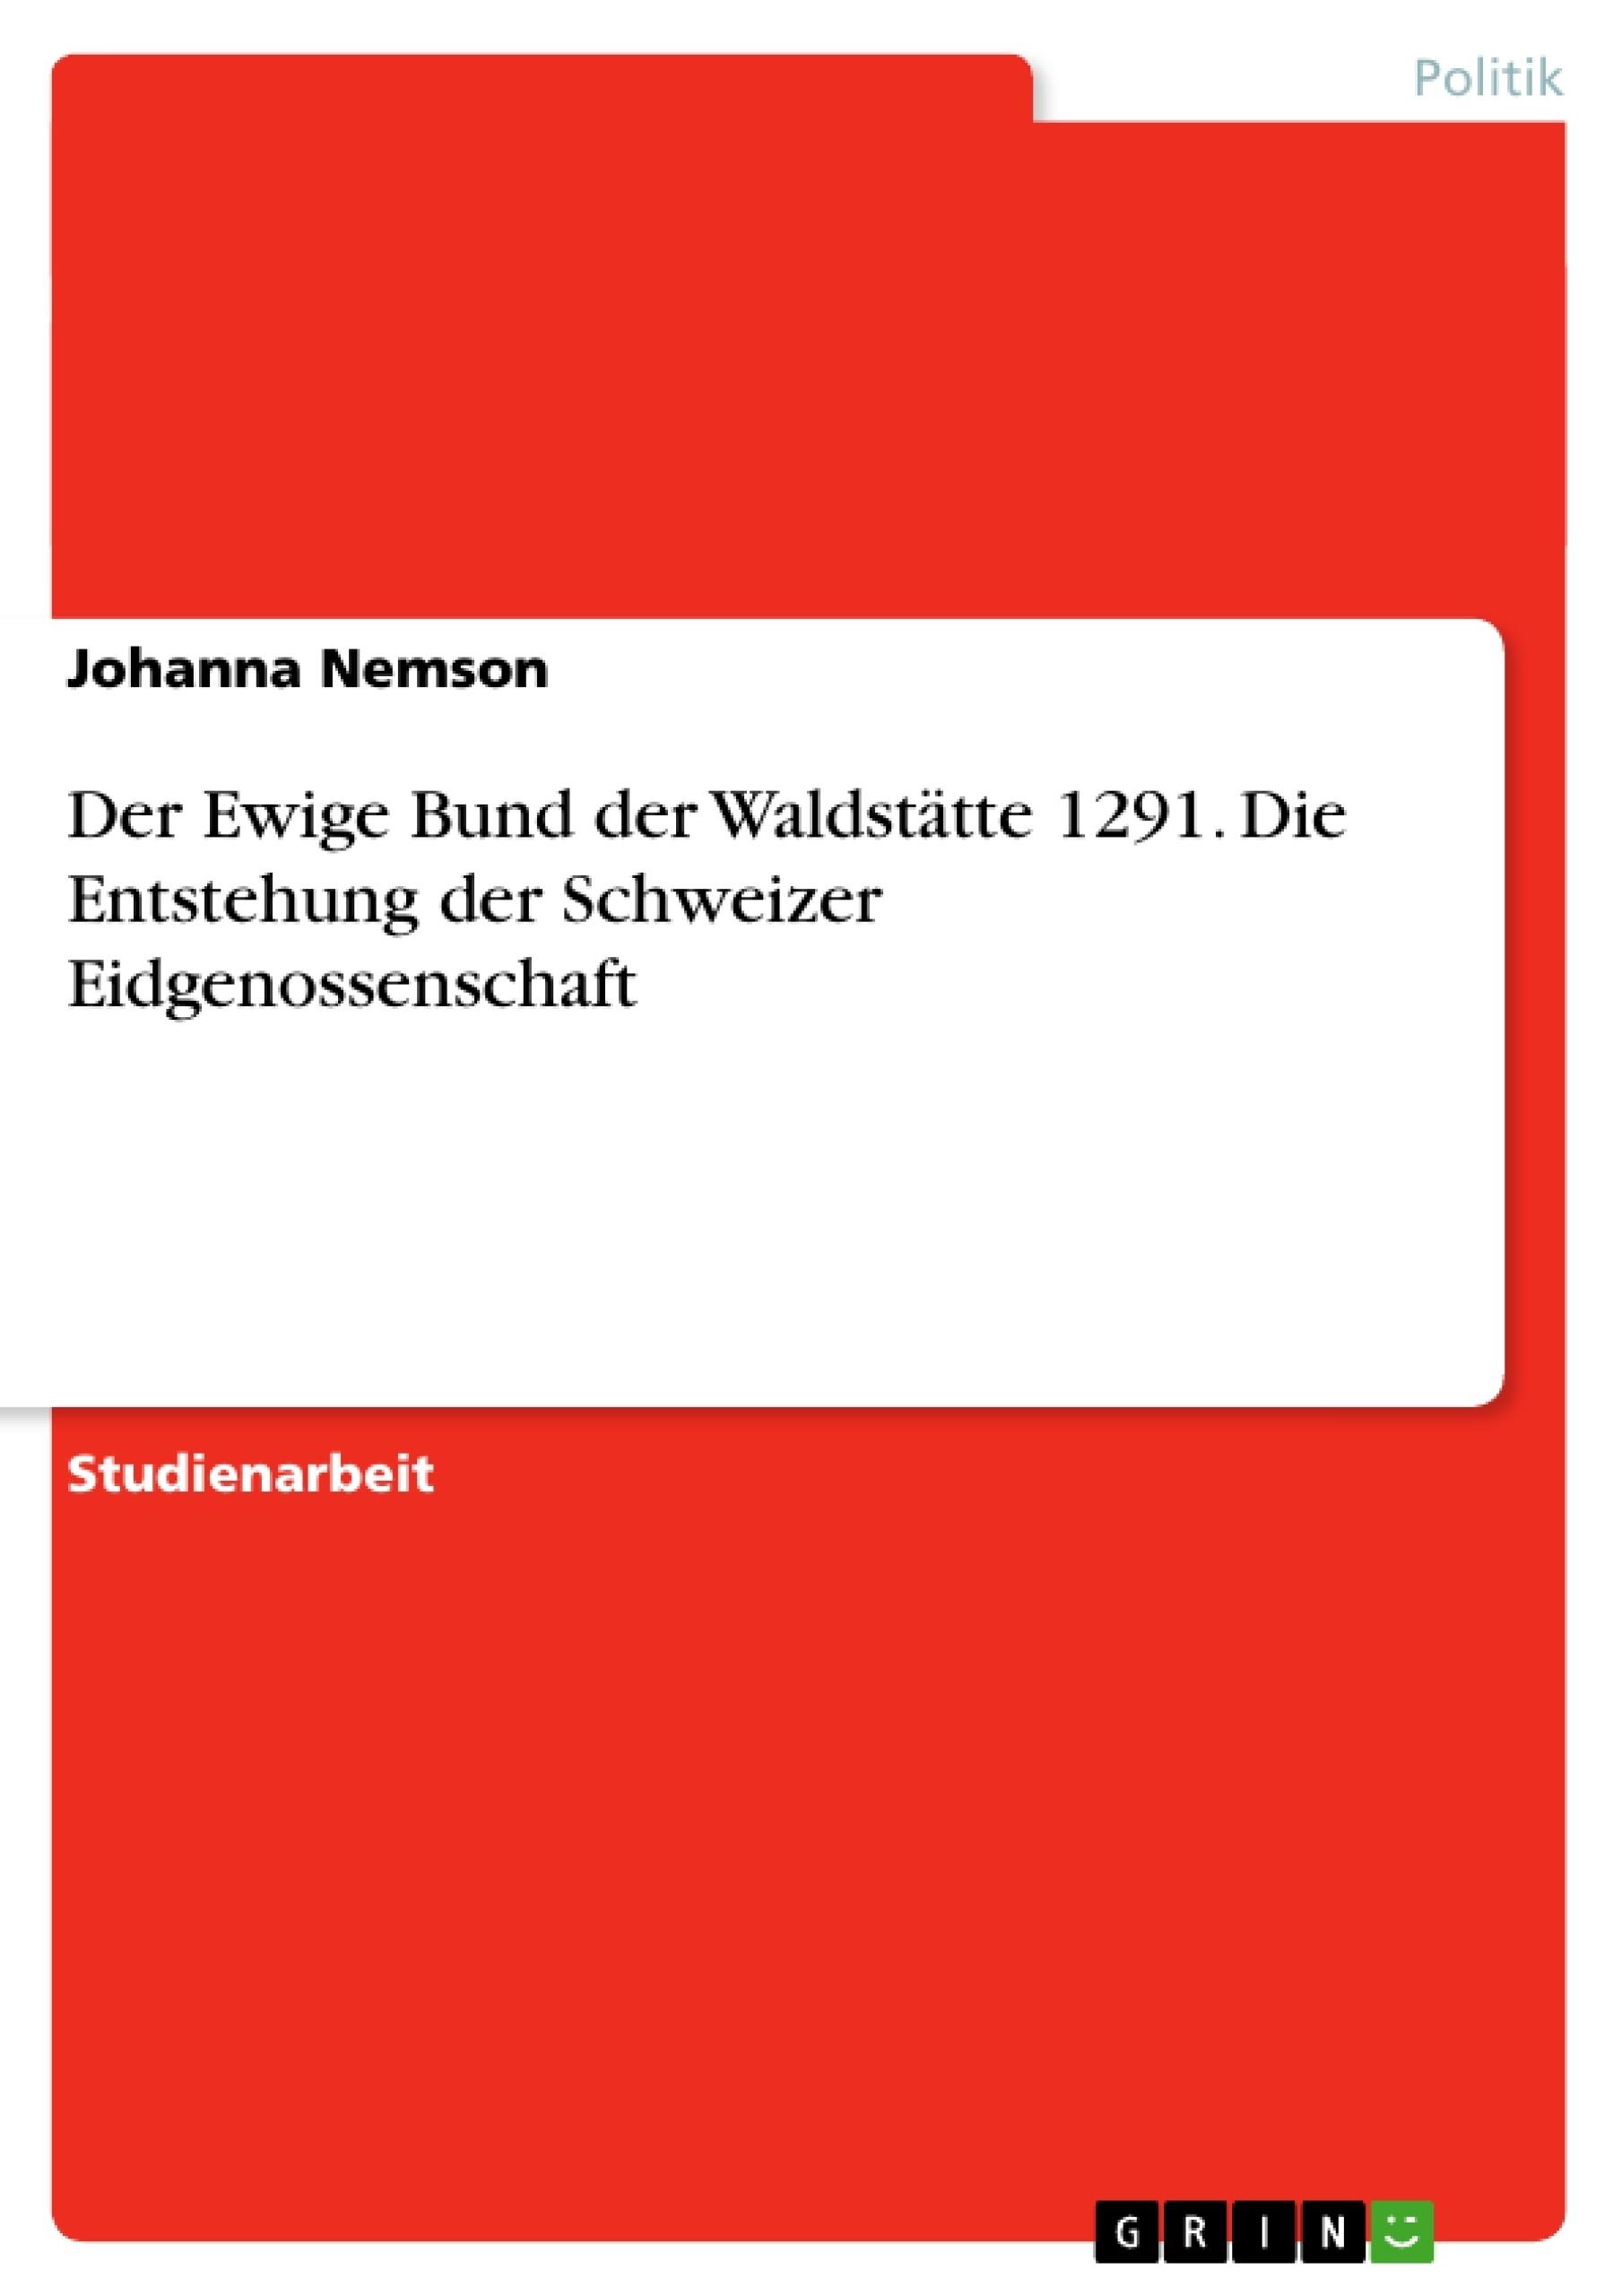 Titel: Der Ewige Bund der Waldstätte 1291. Die Entstehung der Schweizer Eidgenossenschaft